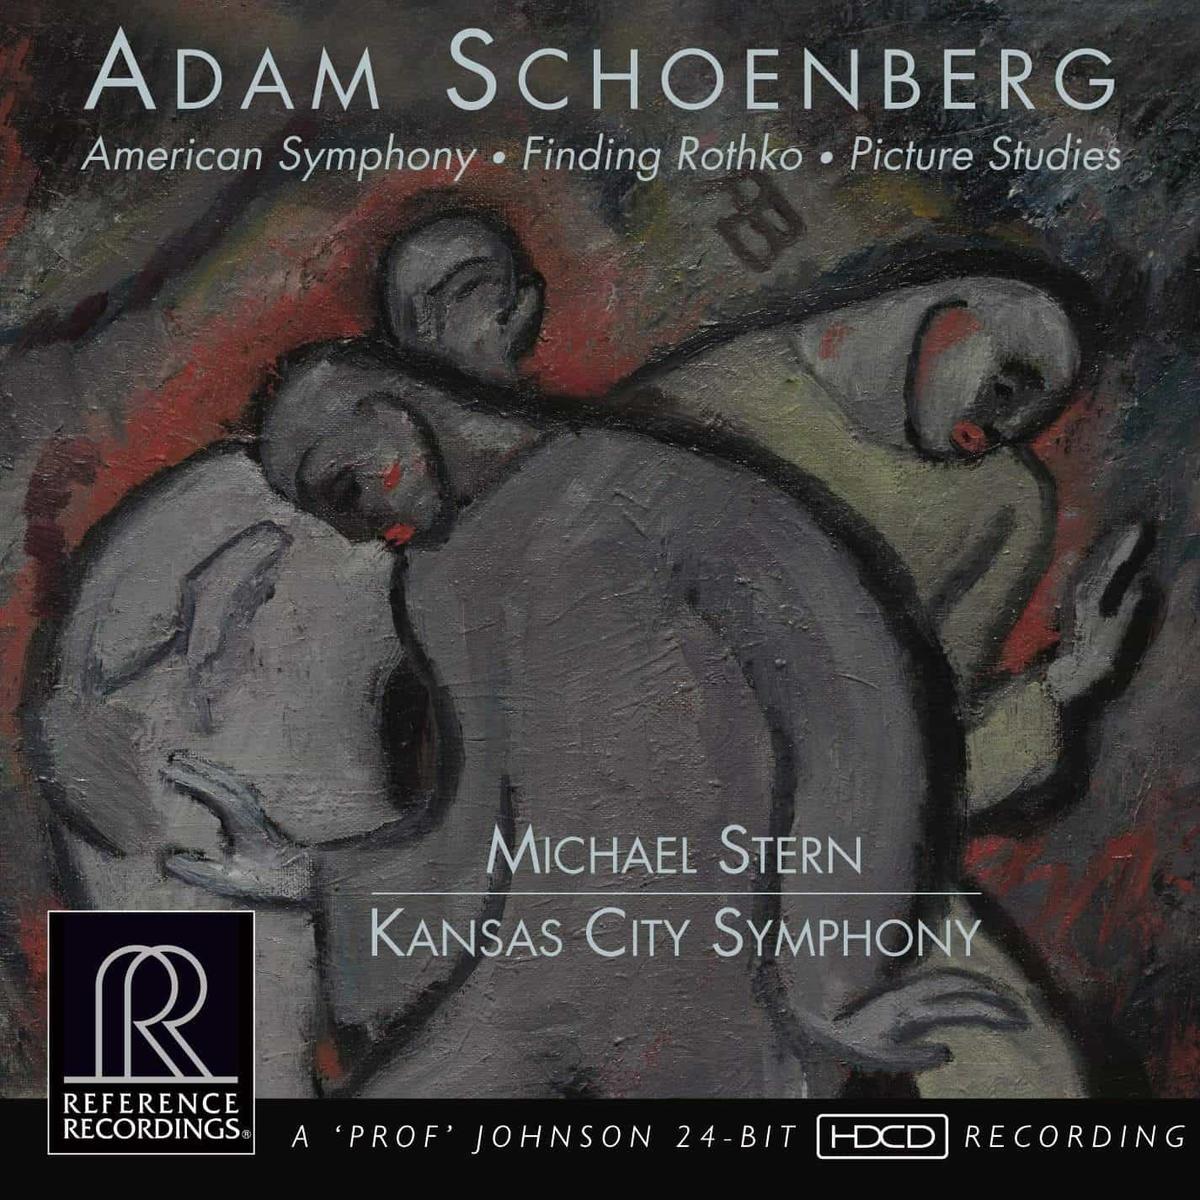 Adam Schoenberg album